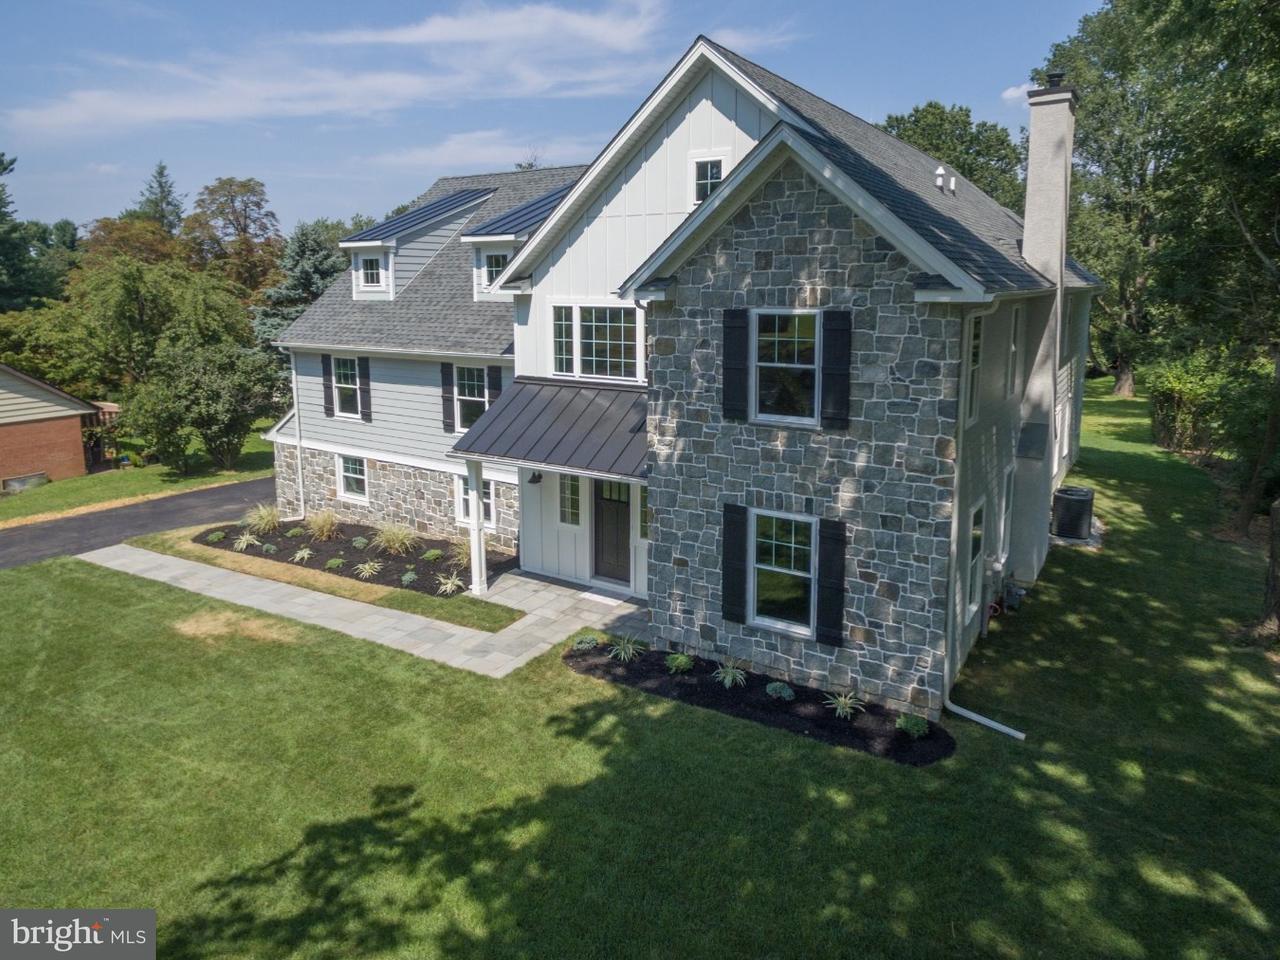 Частный односемейный дом для того Продажа на 1407 HAGYS FORD Road Penn Valley, Пенсильвания 19072 Соединенные Штаты